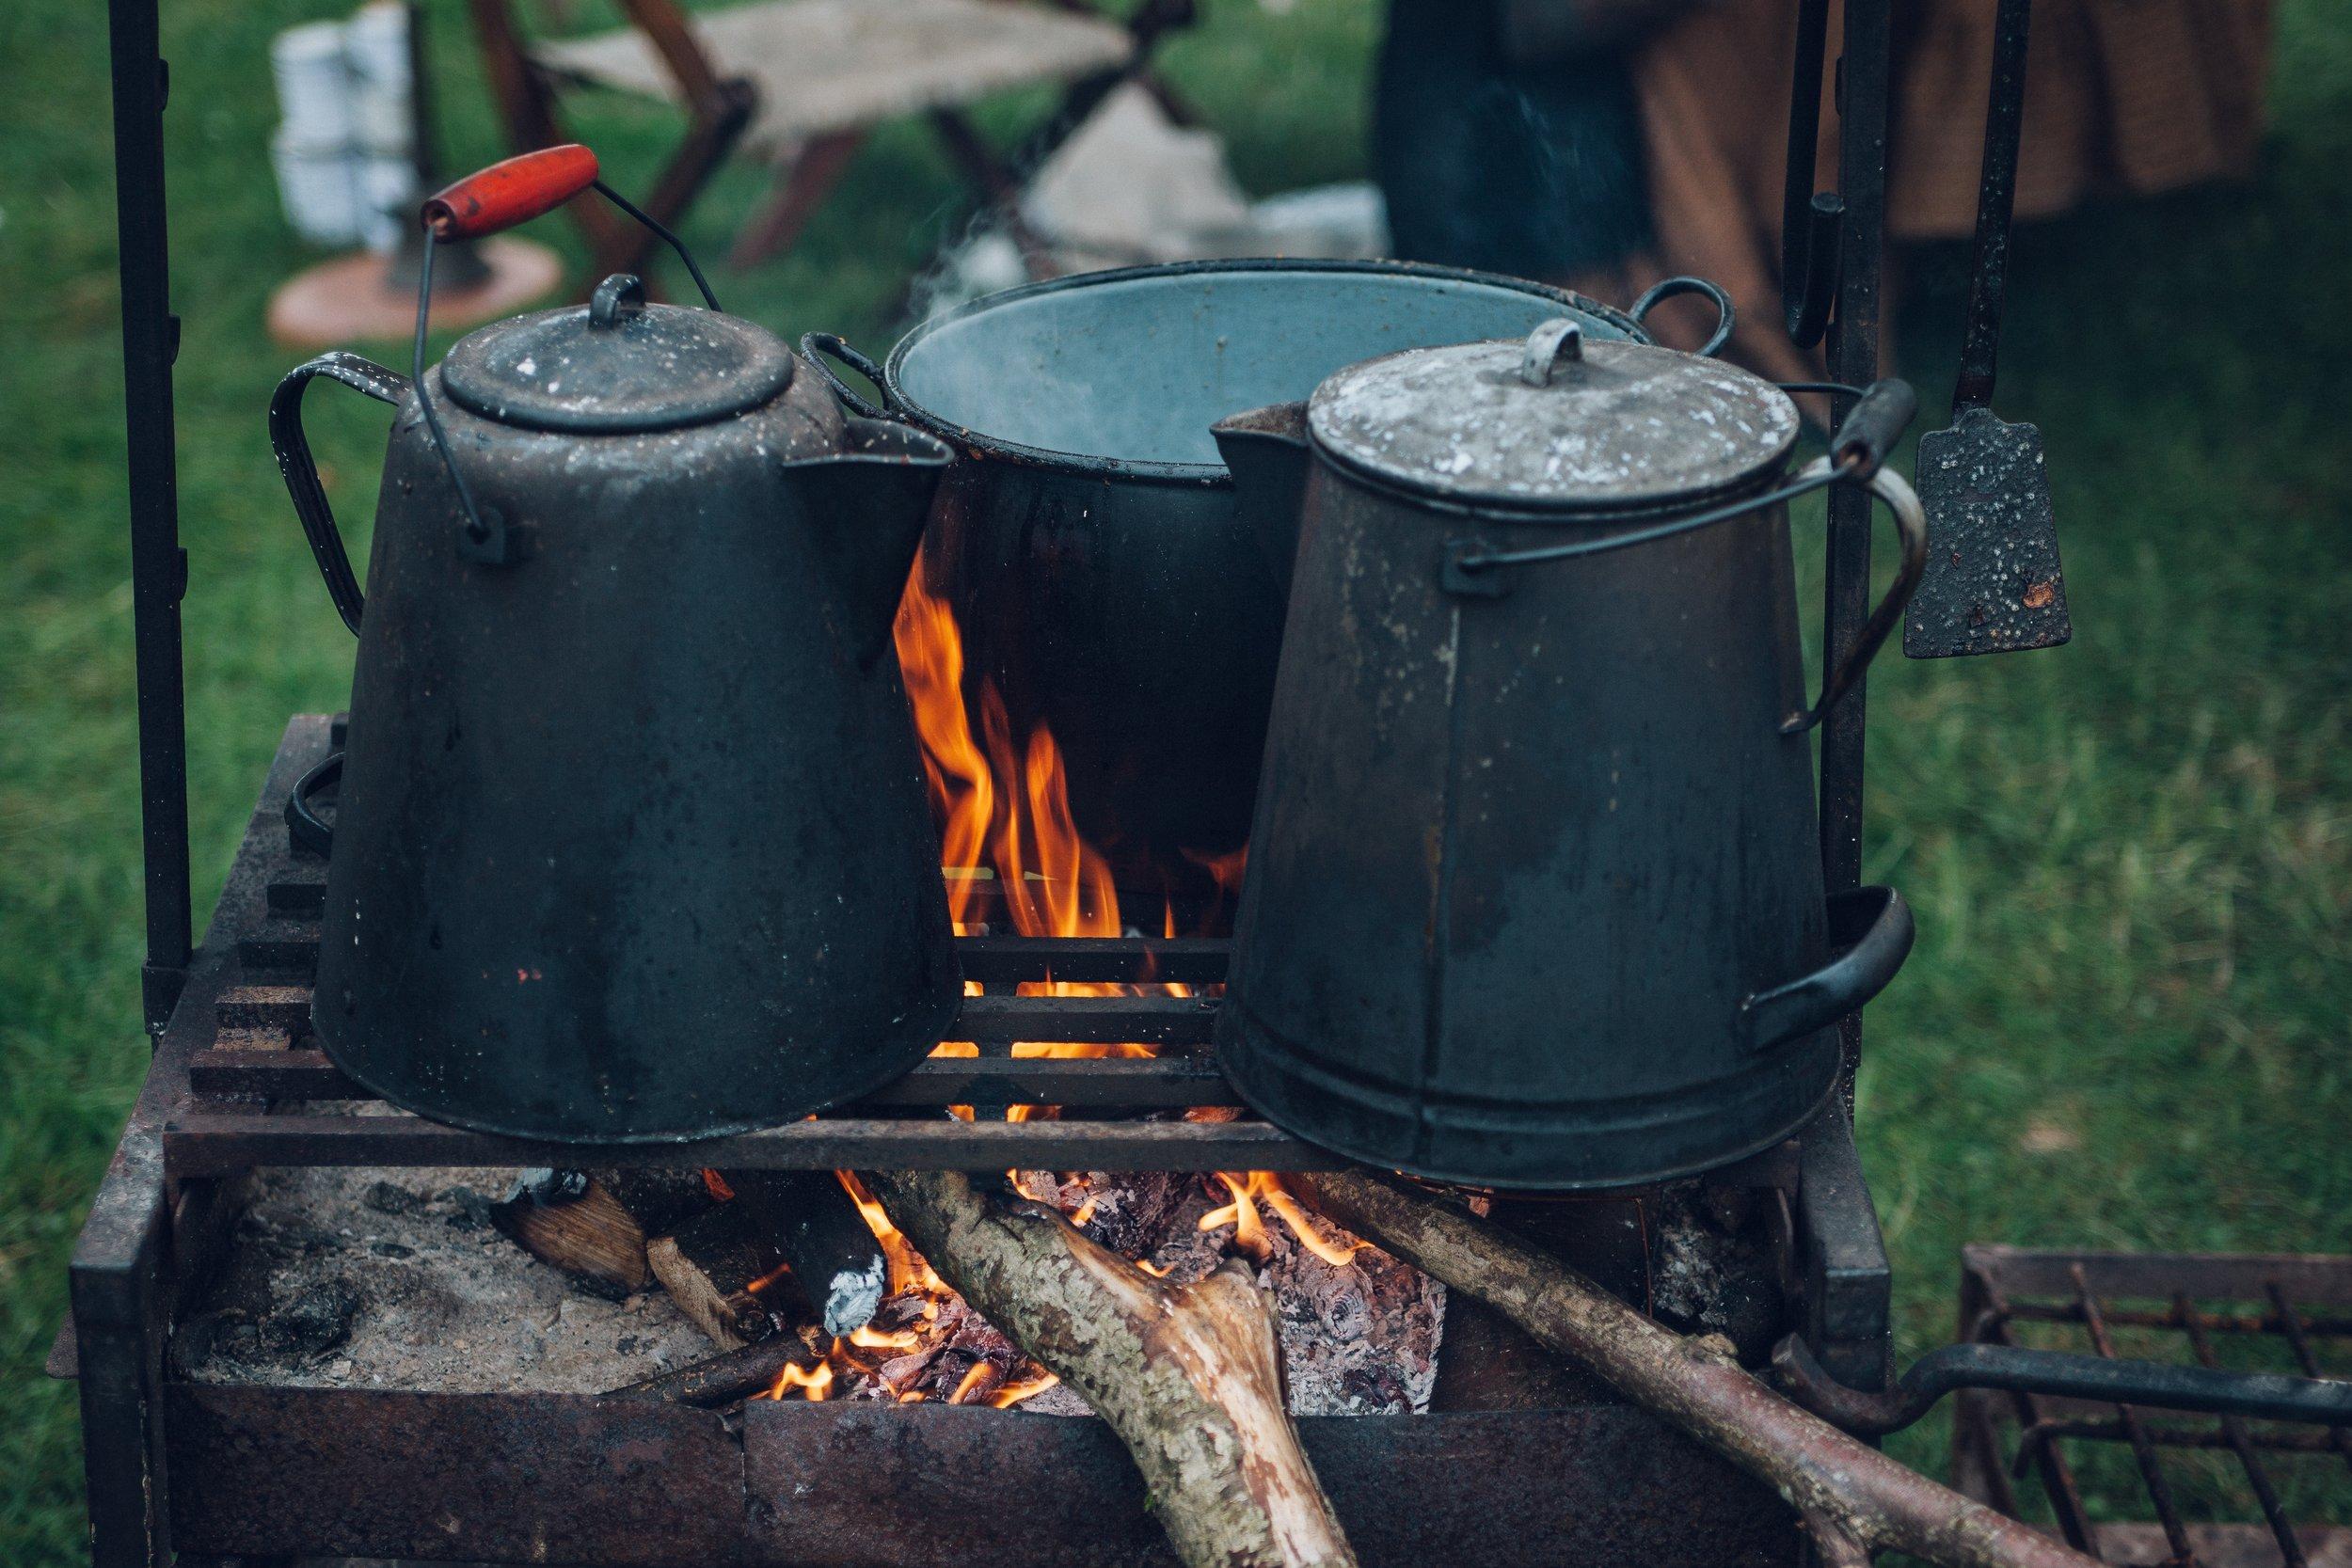 ash-black-bucket-221436.jpg